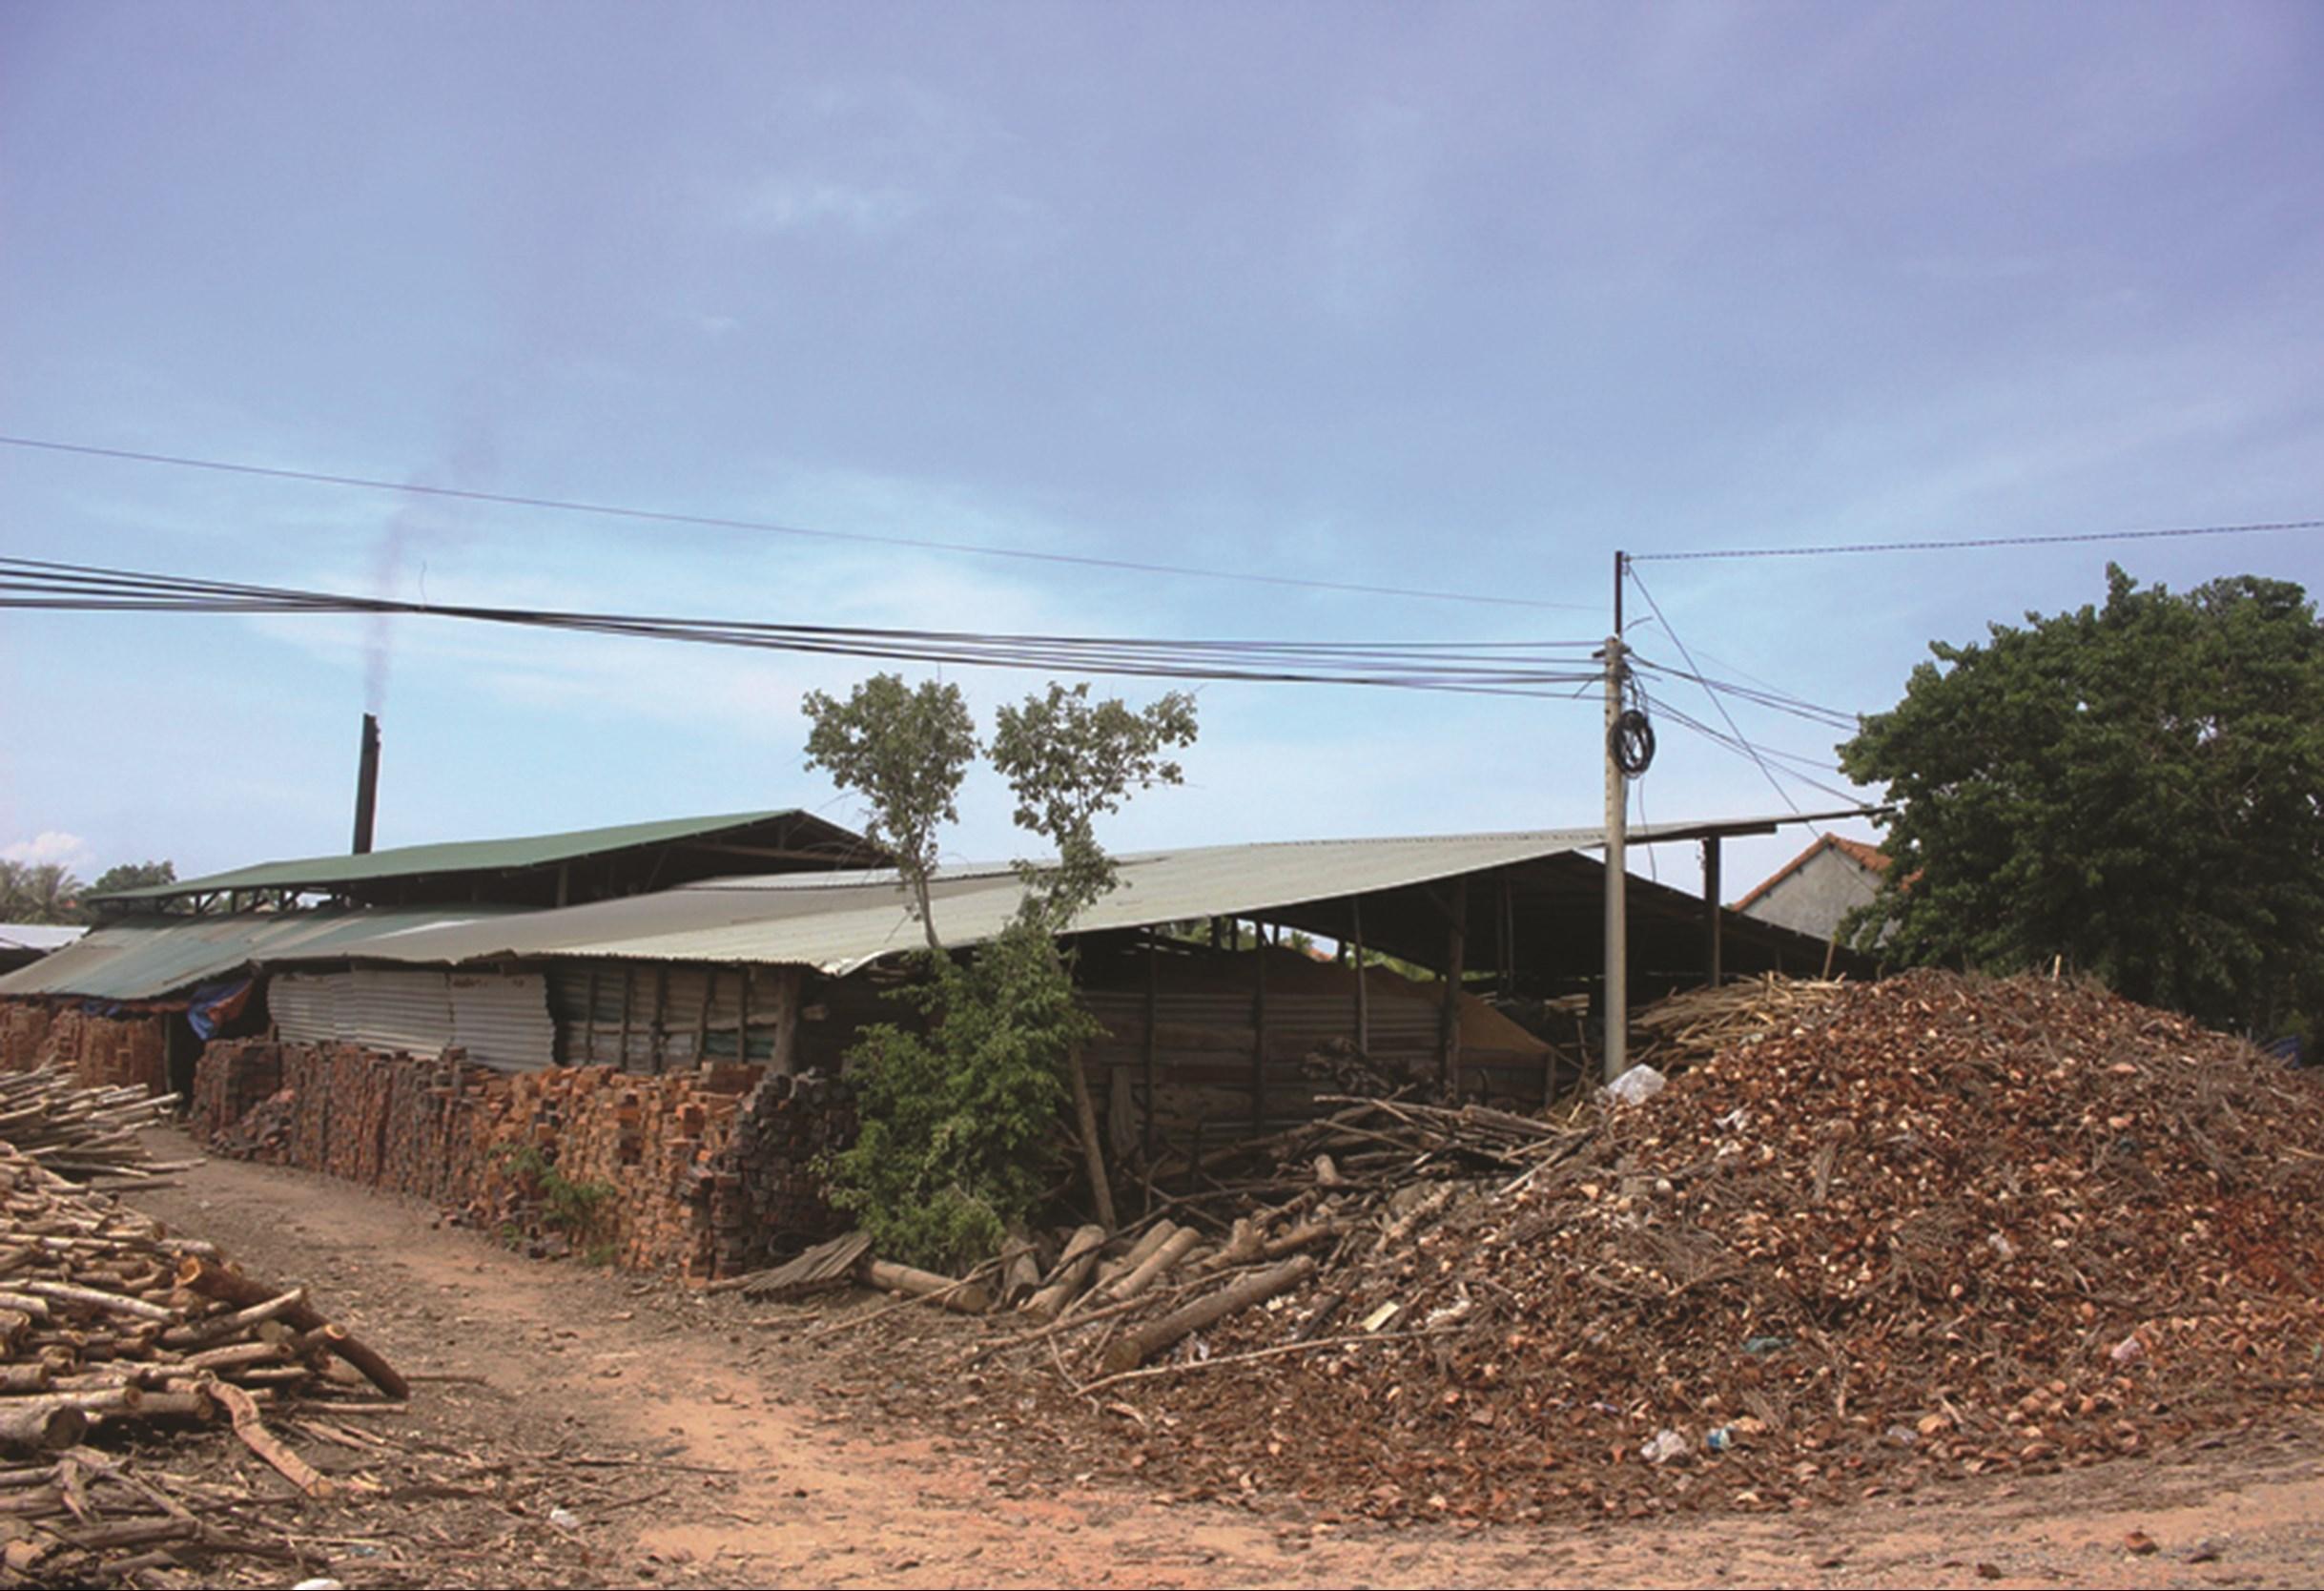 Các lò gạch giữa khu dân cư thi nhau phun khói